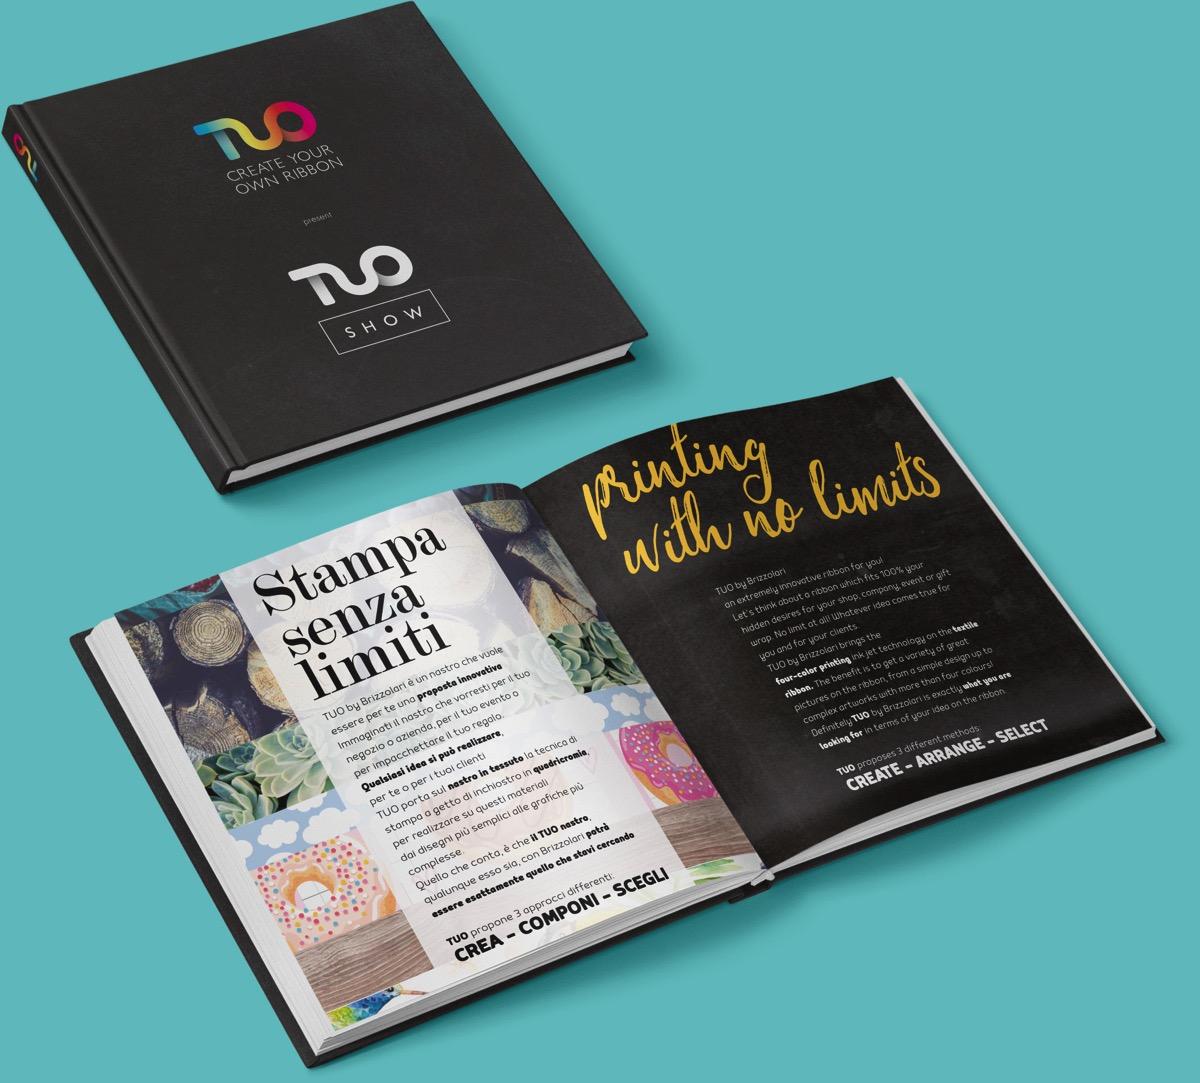 catalogo tuoribbon 2018